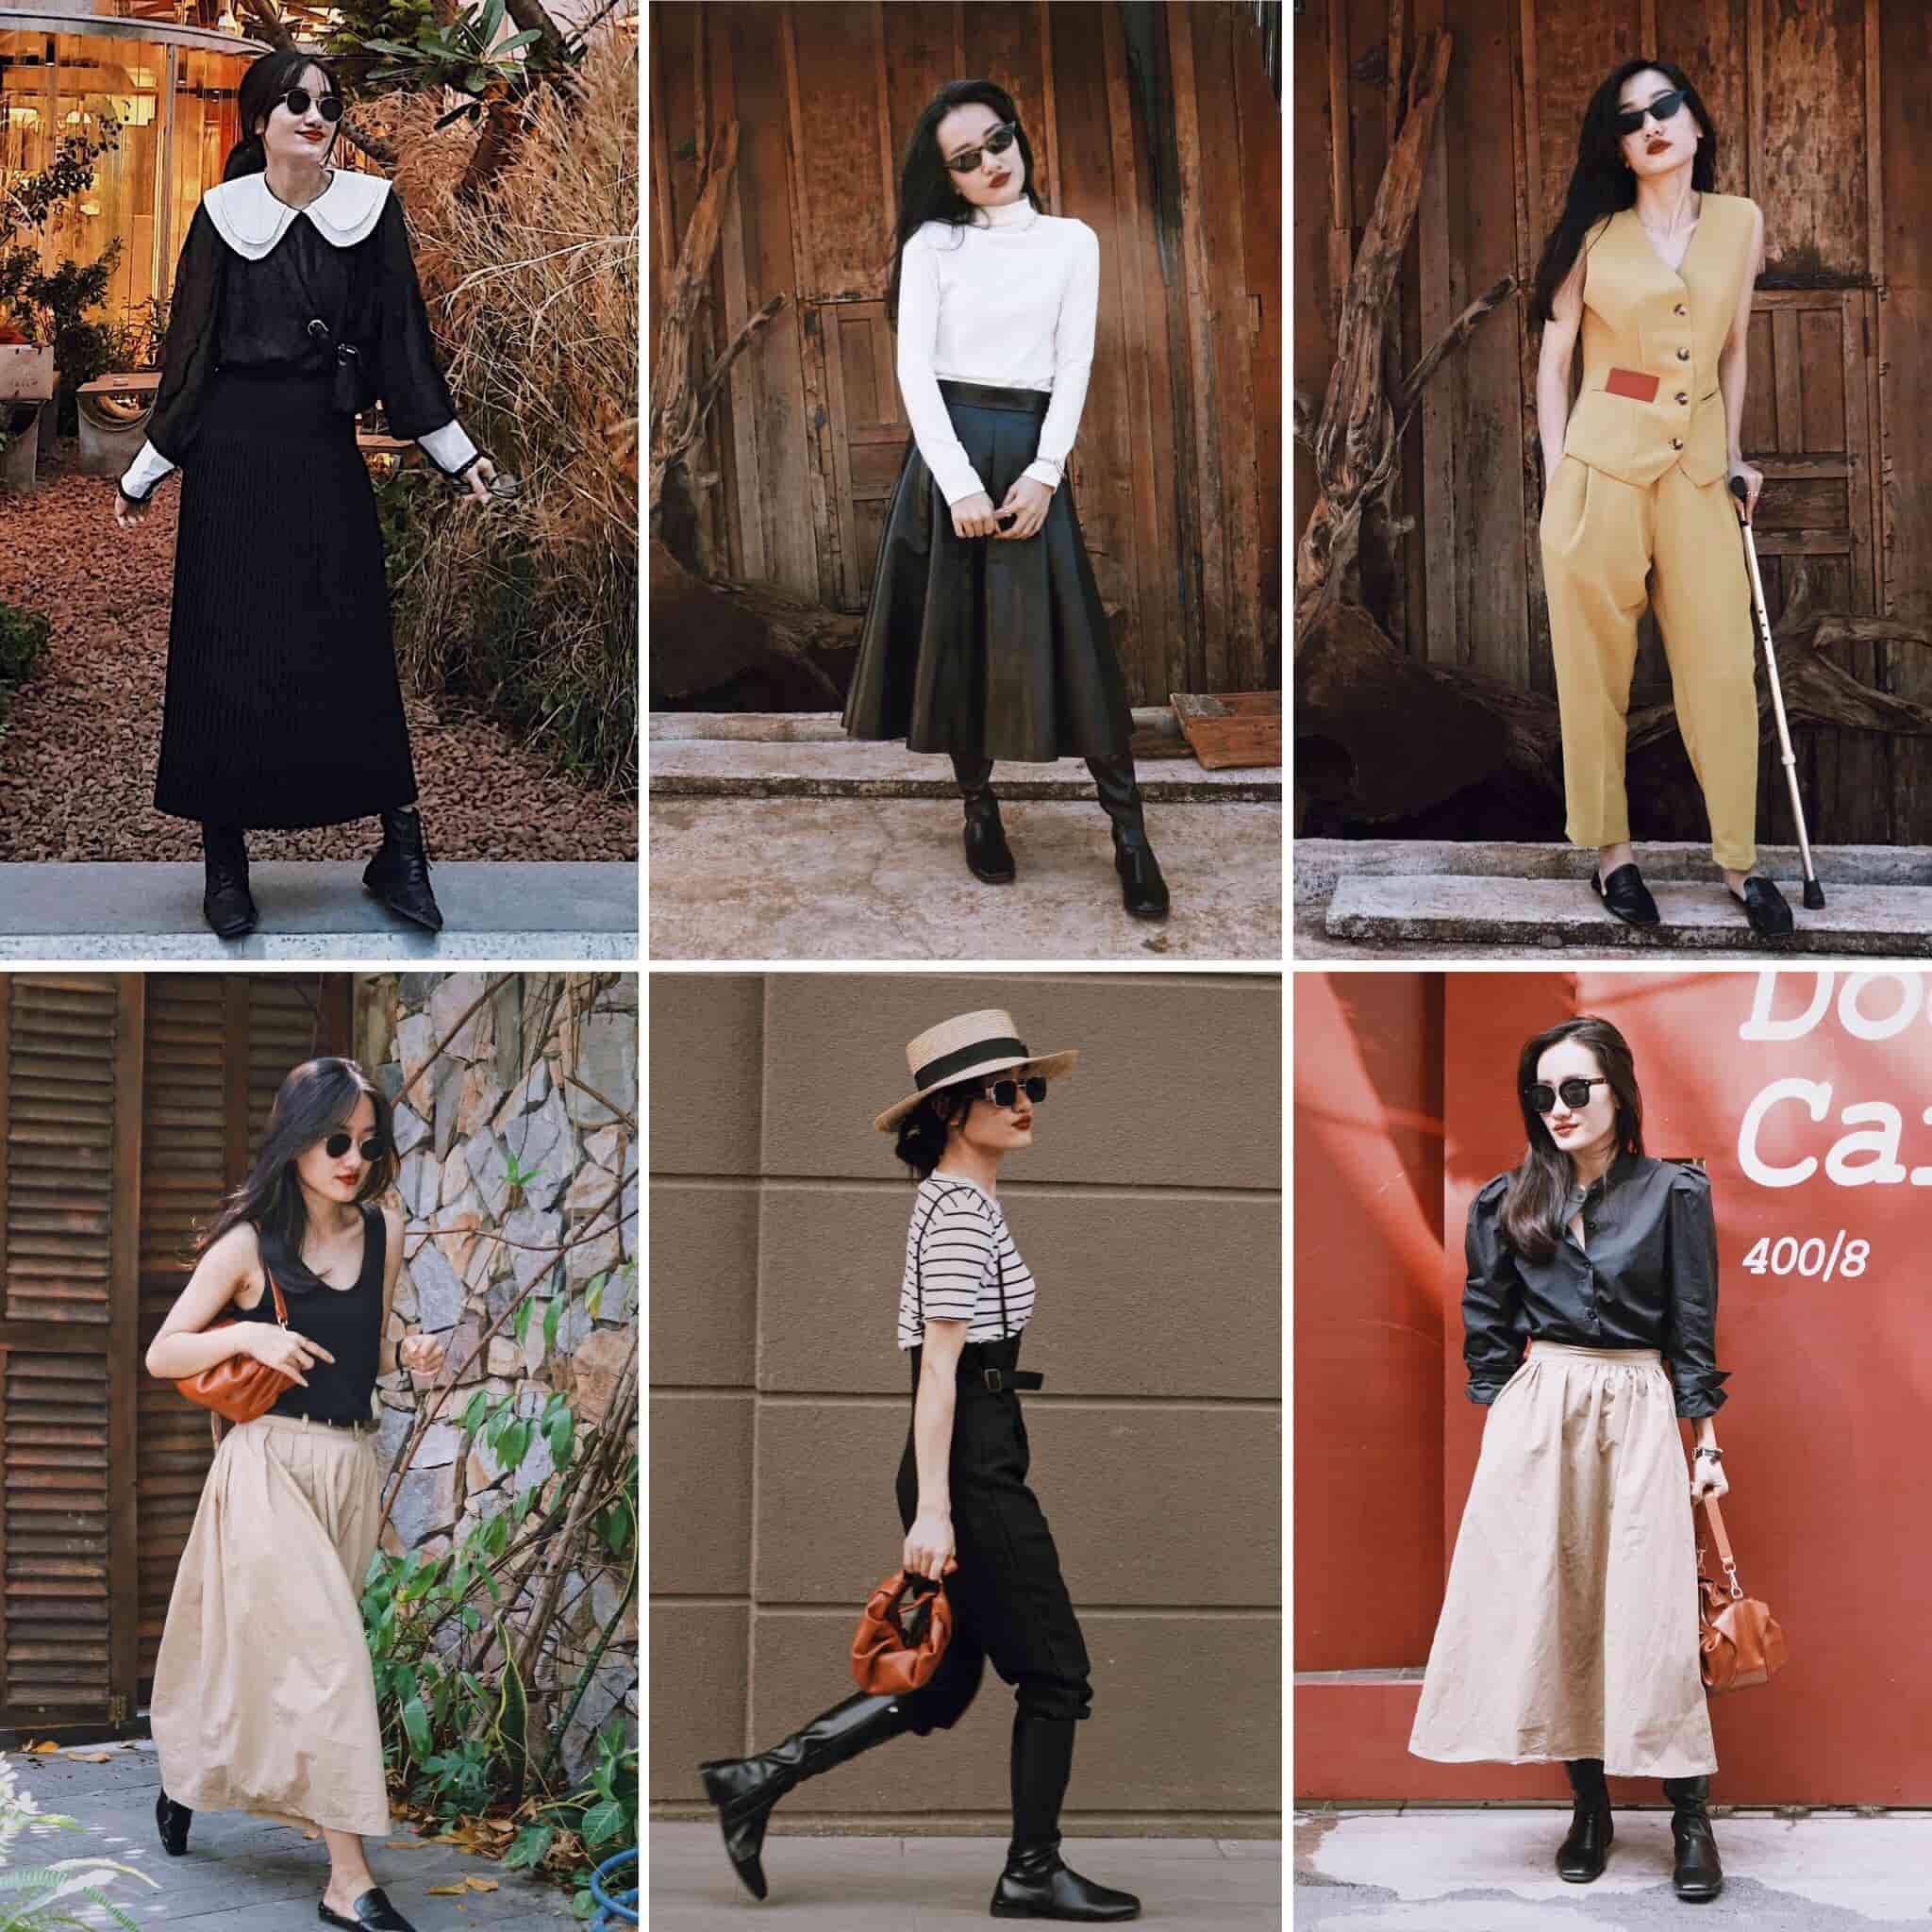 Mượn đồ chị mặc, cô em U30 biến hoá sành điệu: Bật mí chiêu tiết kiệm mua 1 mặc 2 - 14